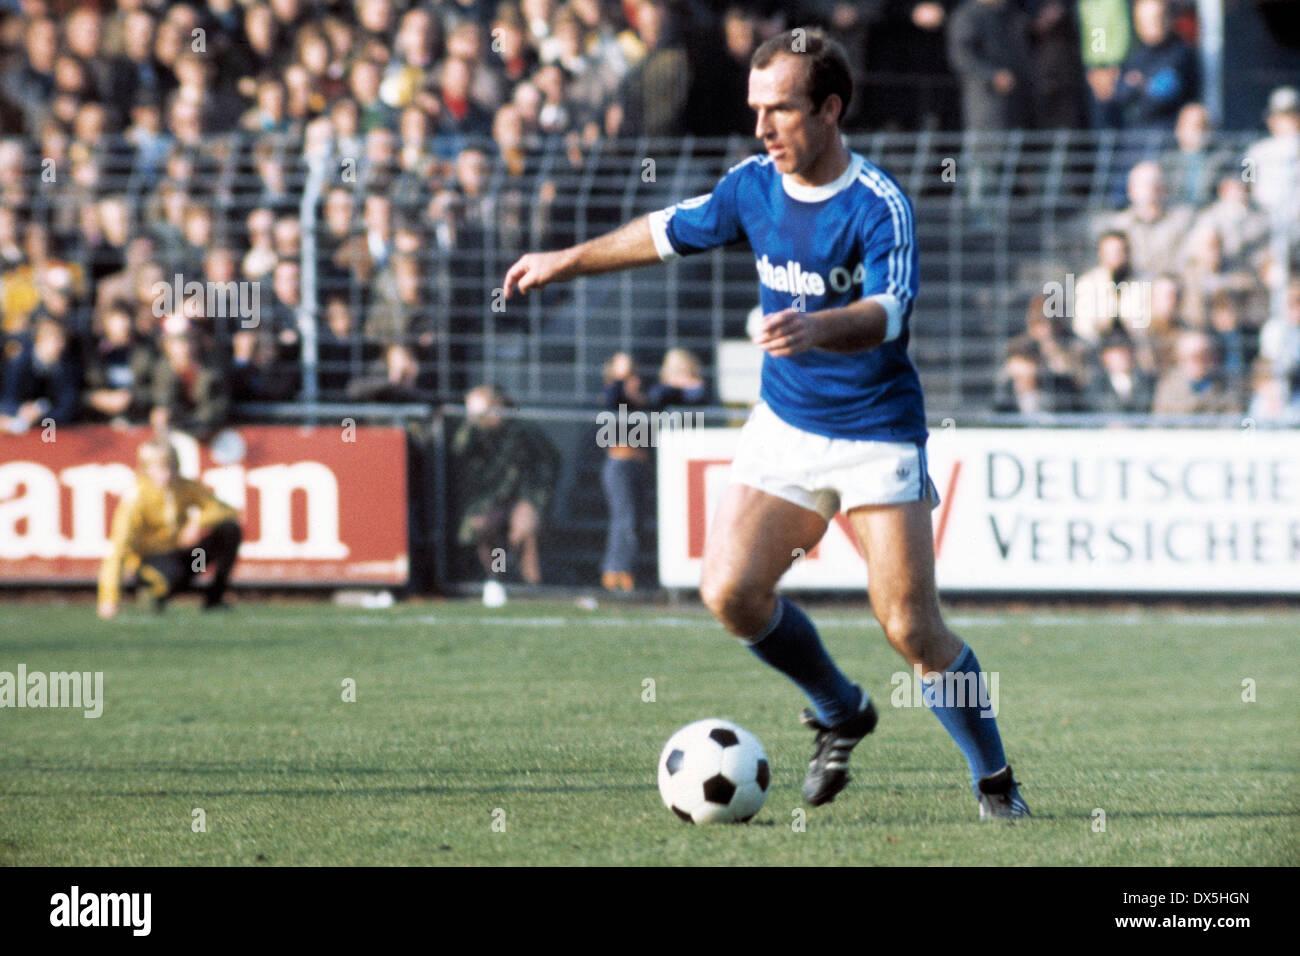 football, Bundesliga, 1975/1976, Grotenburg Stadium, FC Bayer 05 Uerdingen versus FC Schalke 04 3:2, Branko Oblak (S04) in ball possession - Stock Image